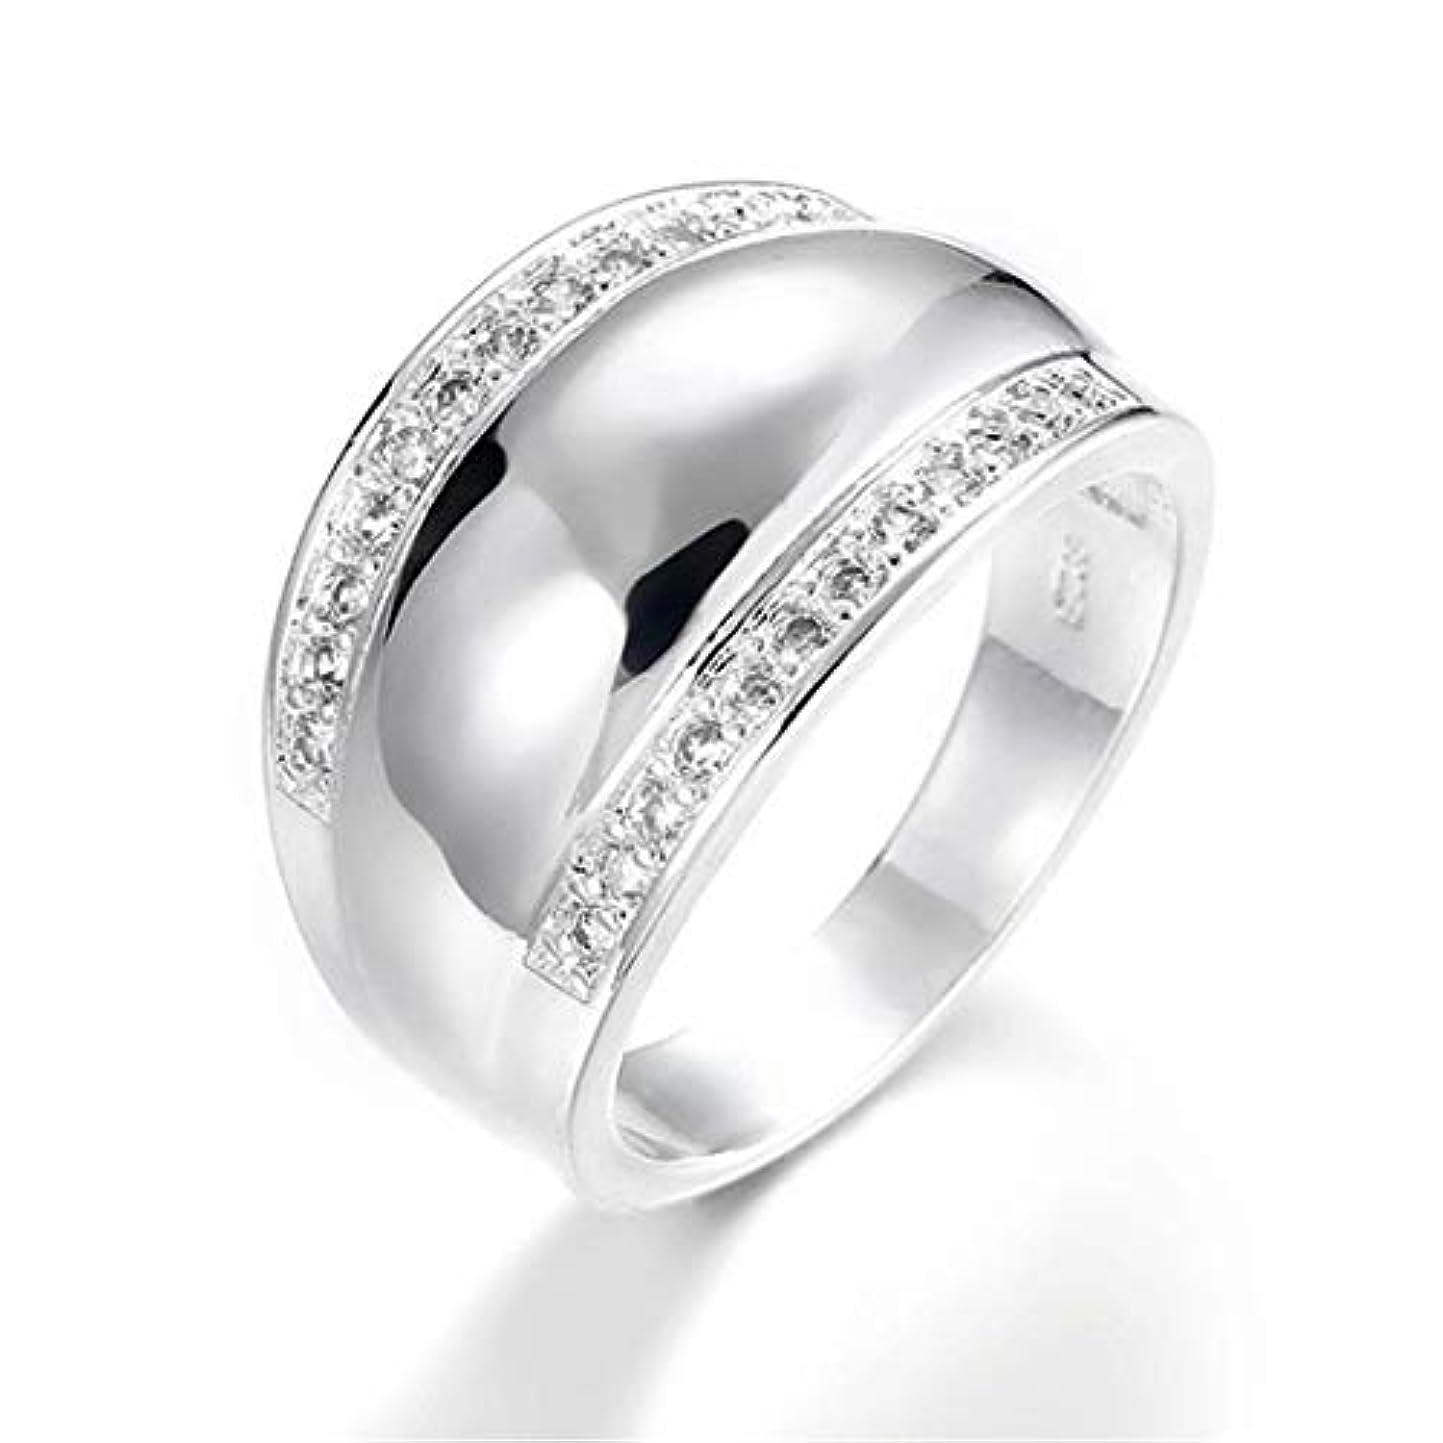 ラビリンス評判喪Sperrinsサージカル ステンレス メンズ リング 指輪 結婚 指輪 ラインストーン フルエタニティ 男性用指輪 (8)